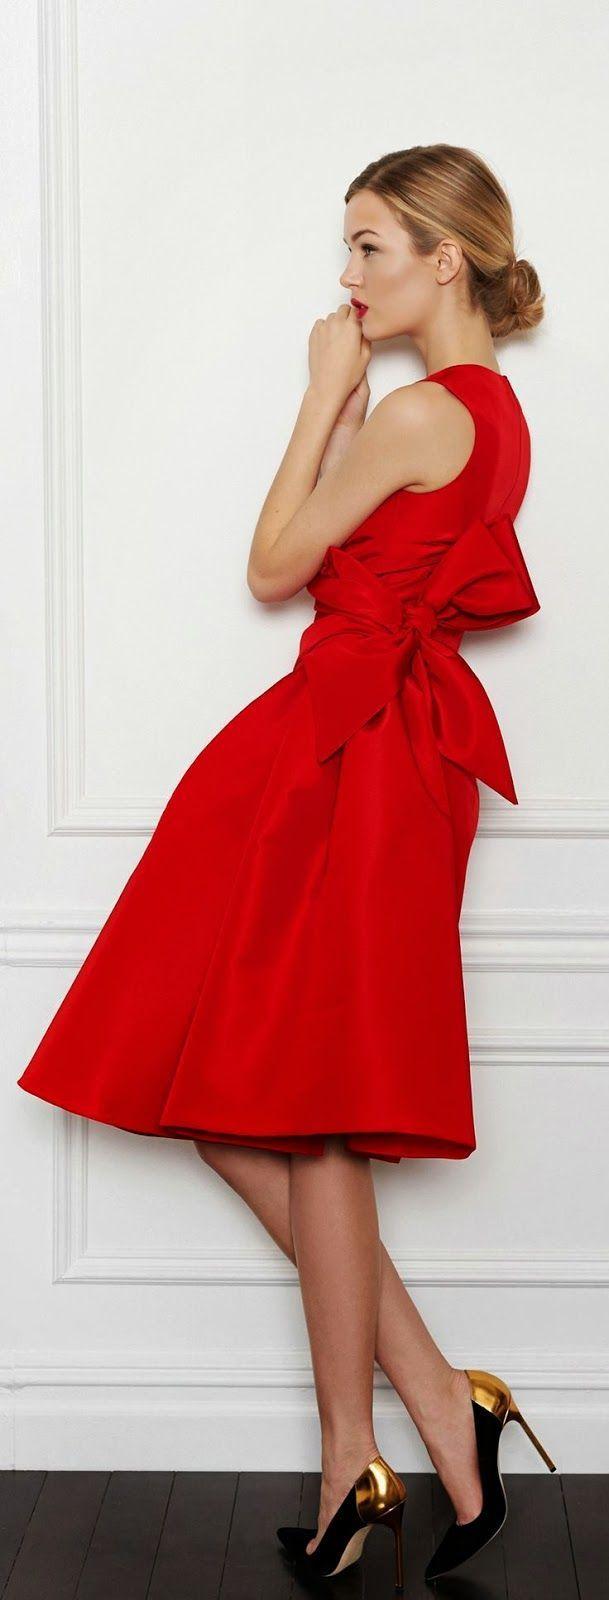 Robe Rouge Mariage Invitee Look Sarenza Look D